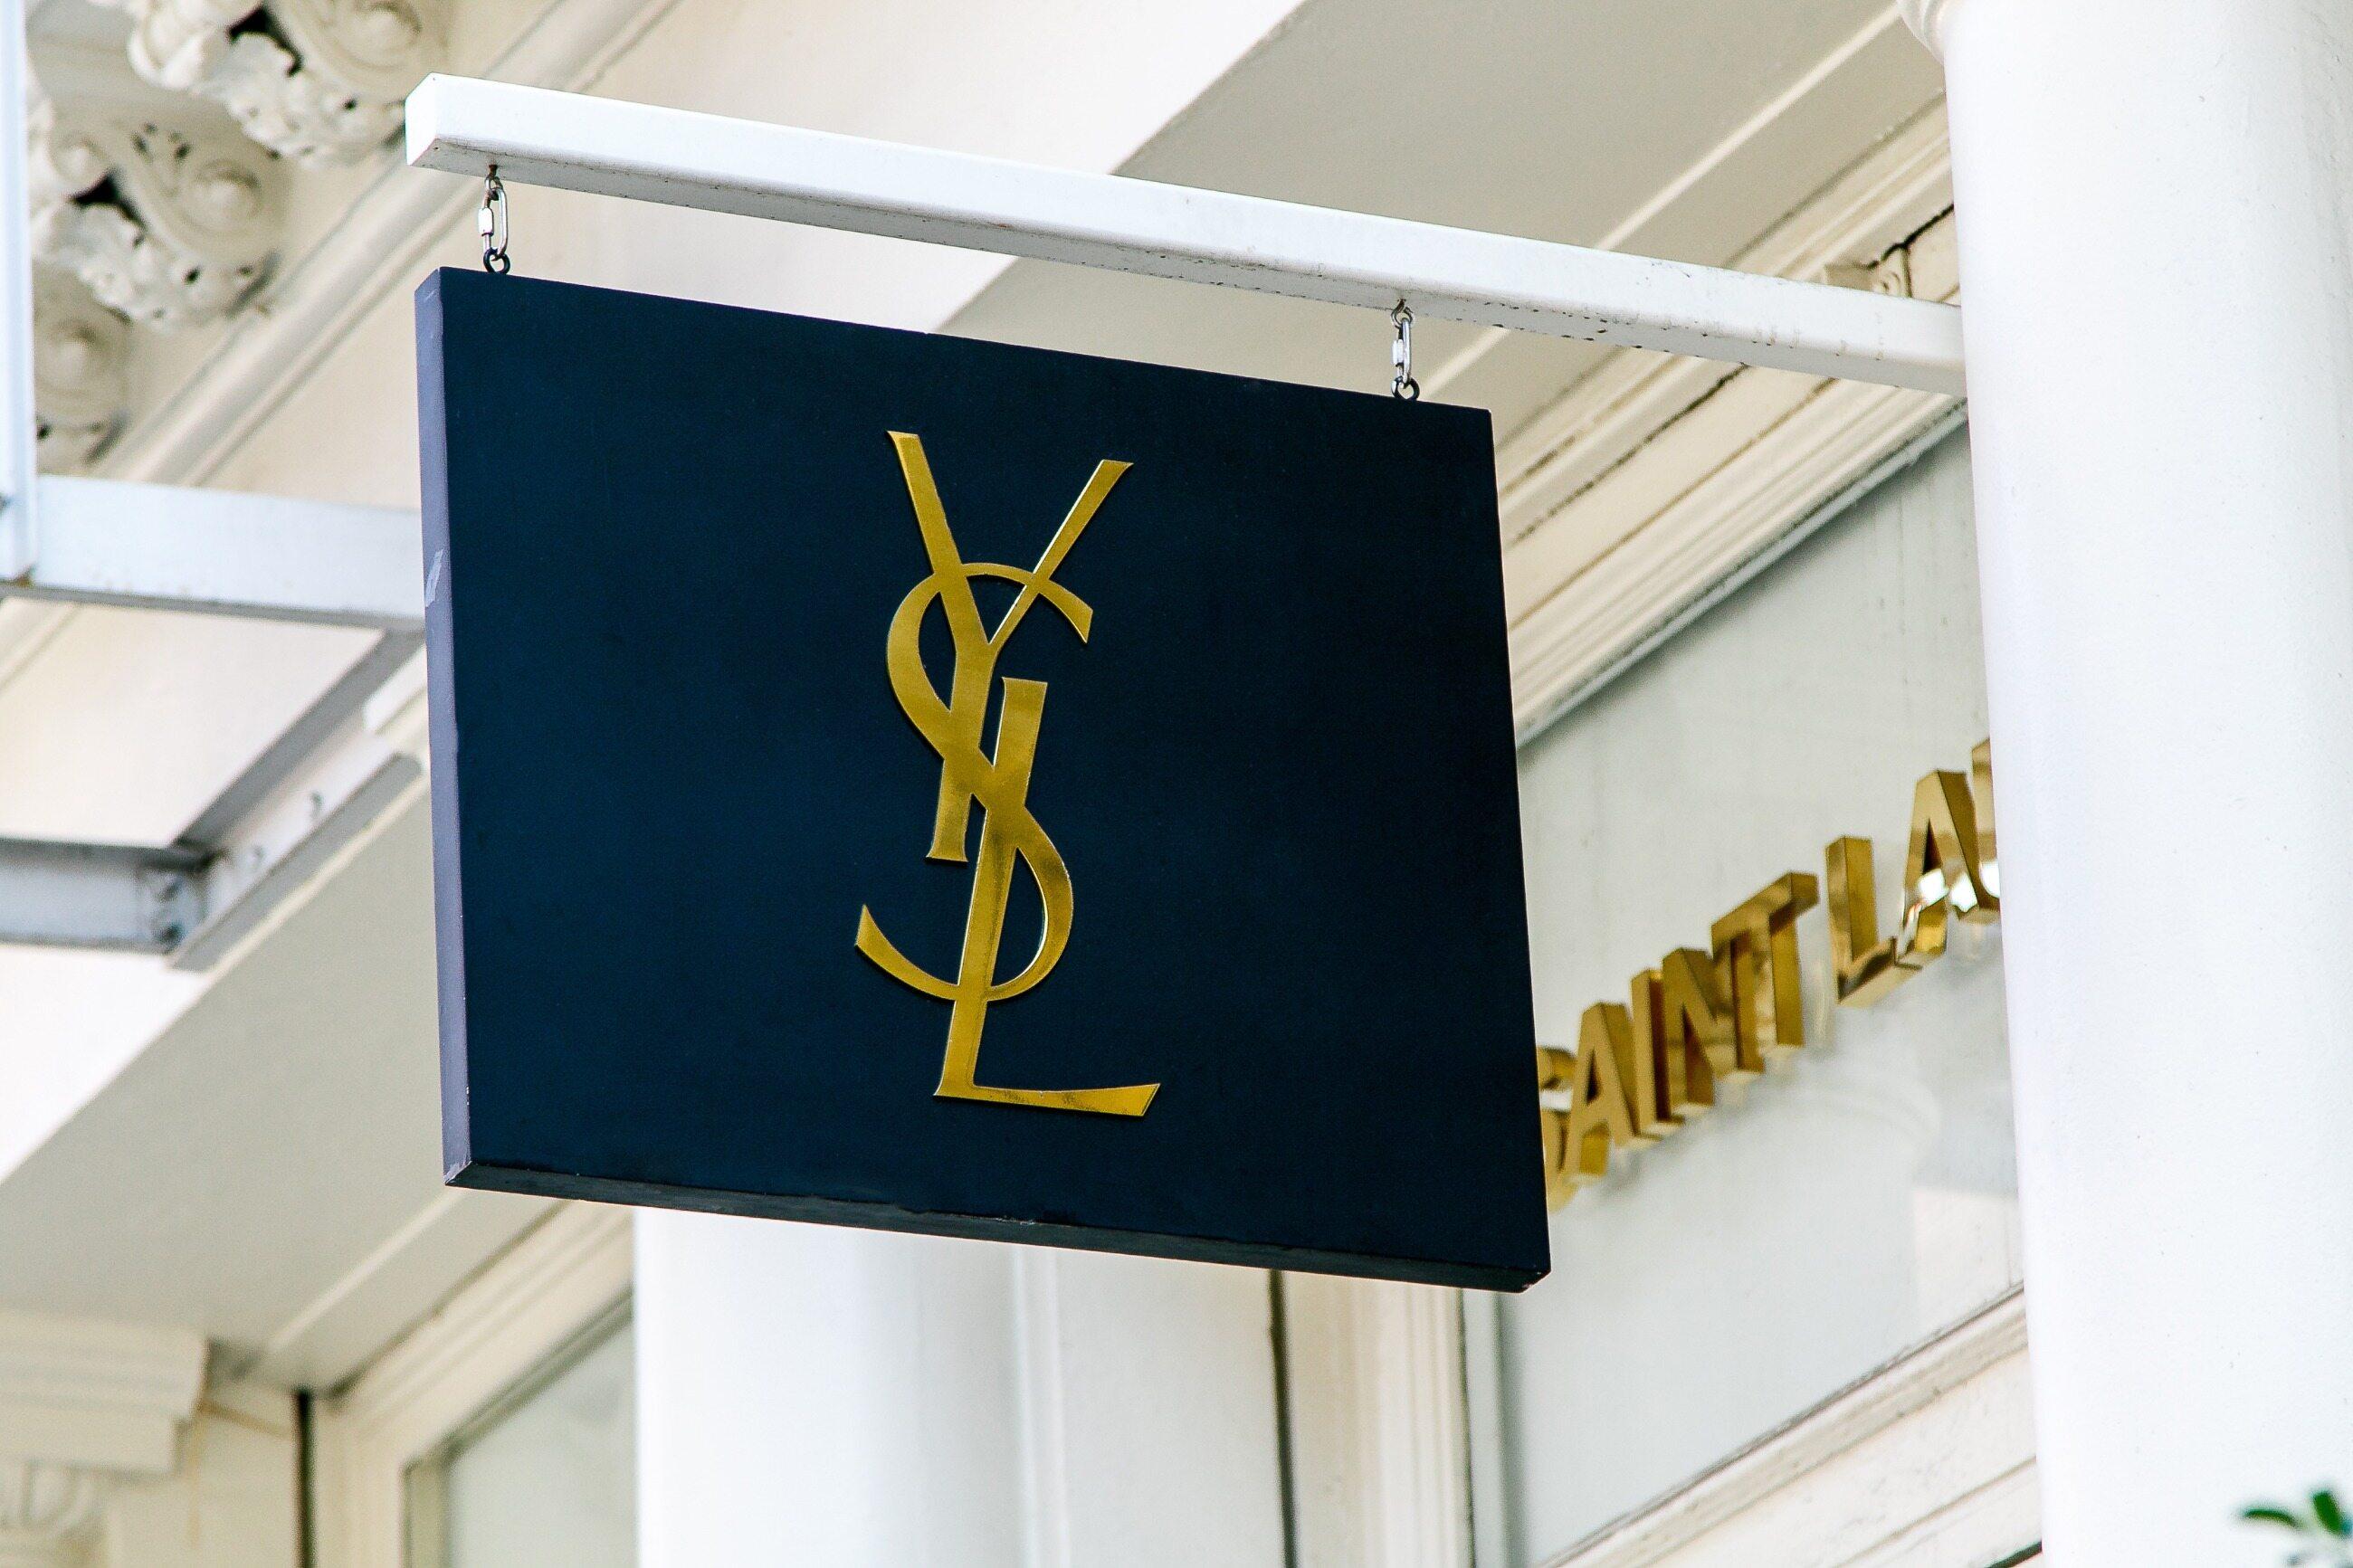 Logo tego francuskiego projektanta mody znajdziemy m.in. na torebkach i perfumach.  A jak poprawnie wymówić Yves Saint Laurent?